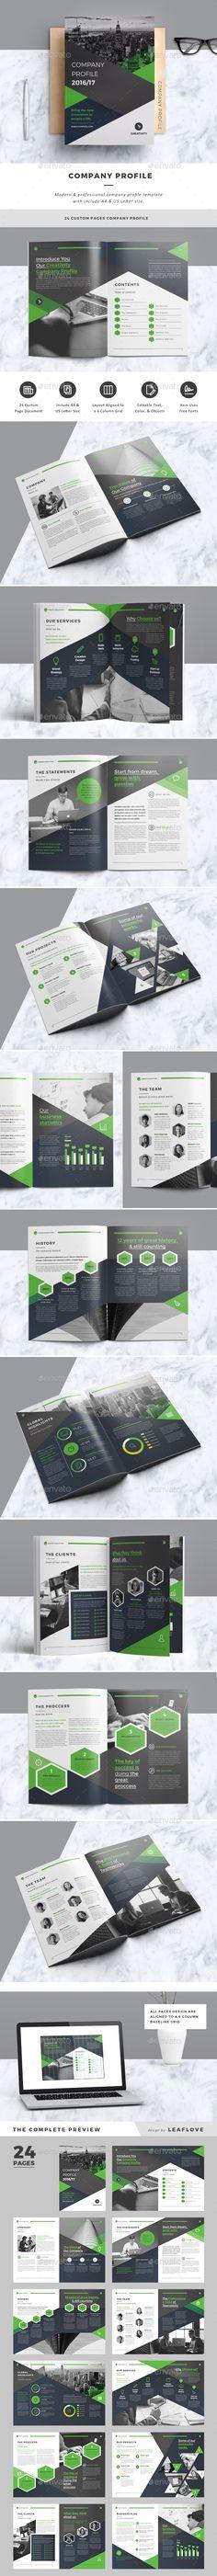 Company Profile | Company profile, Corporate brochure and Template